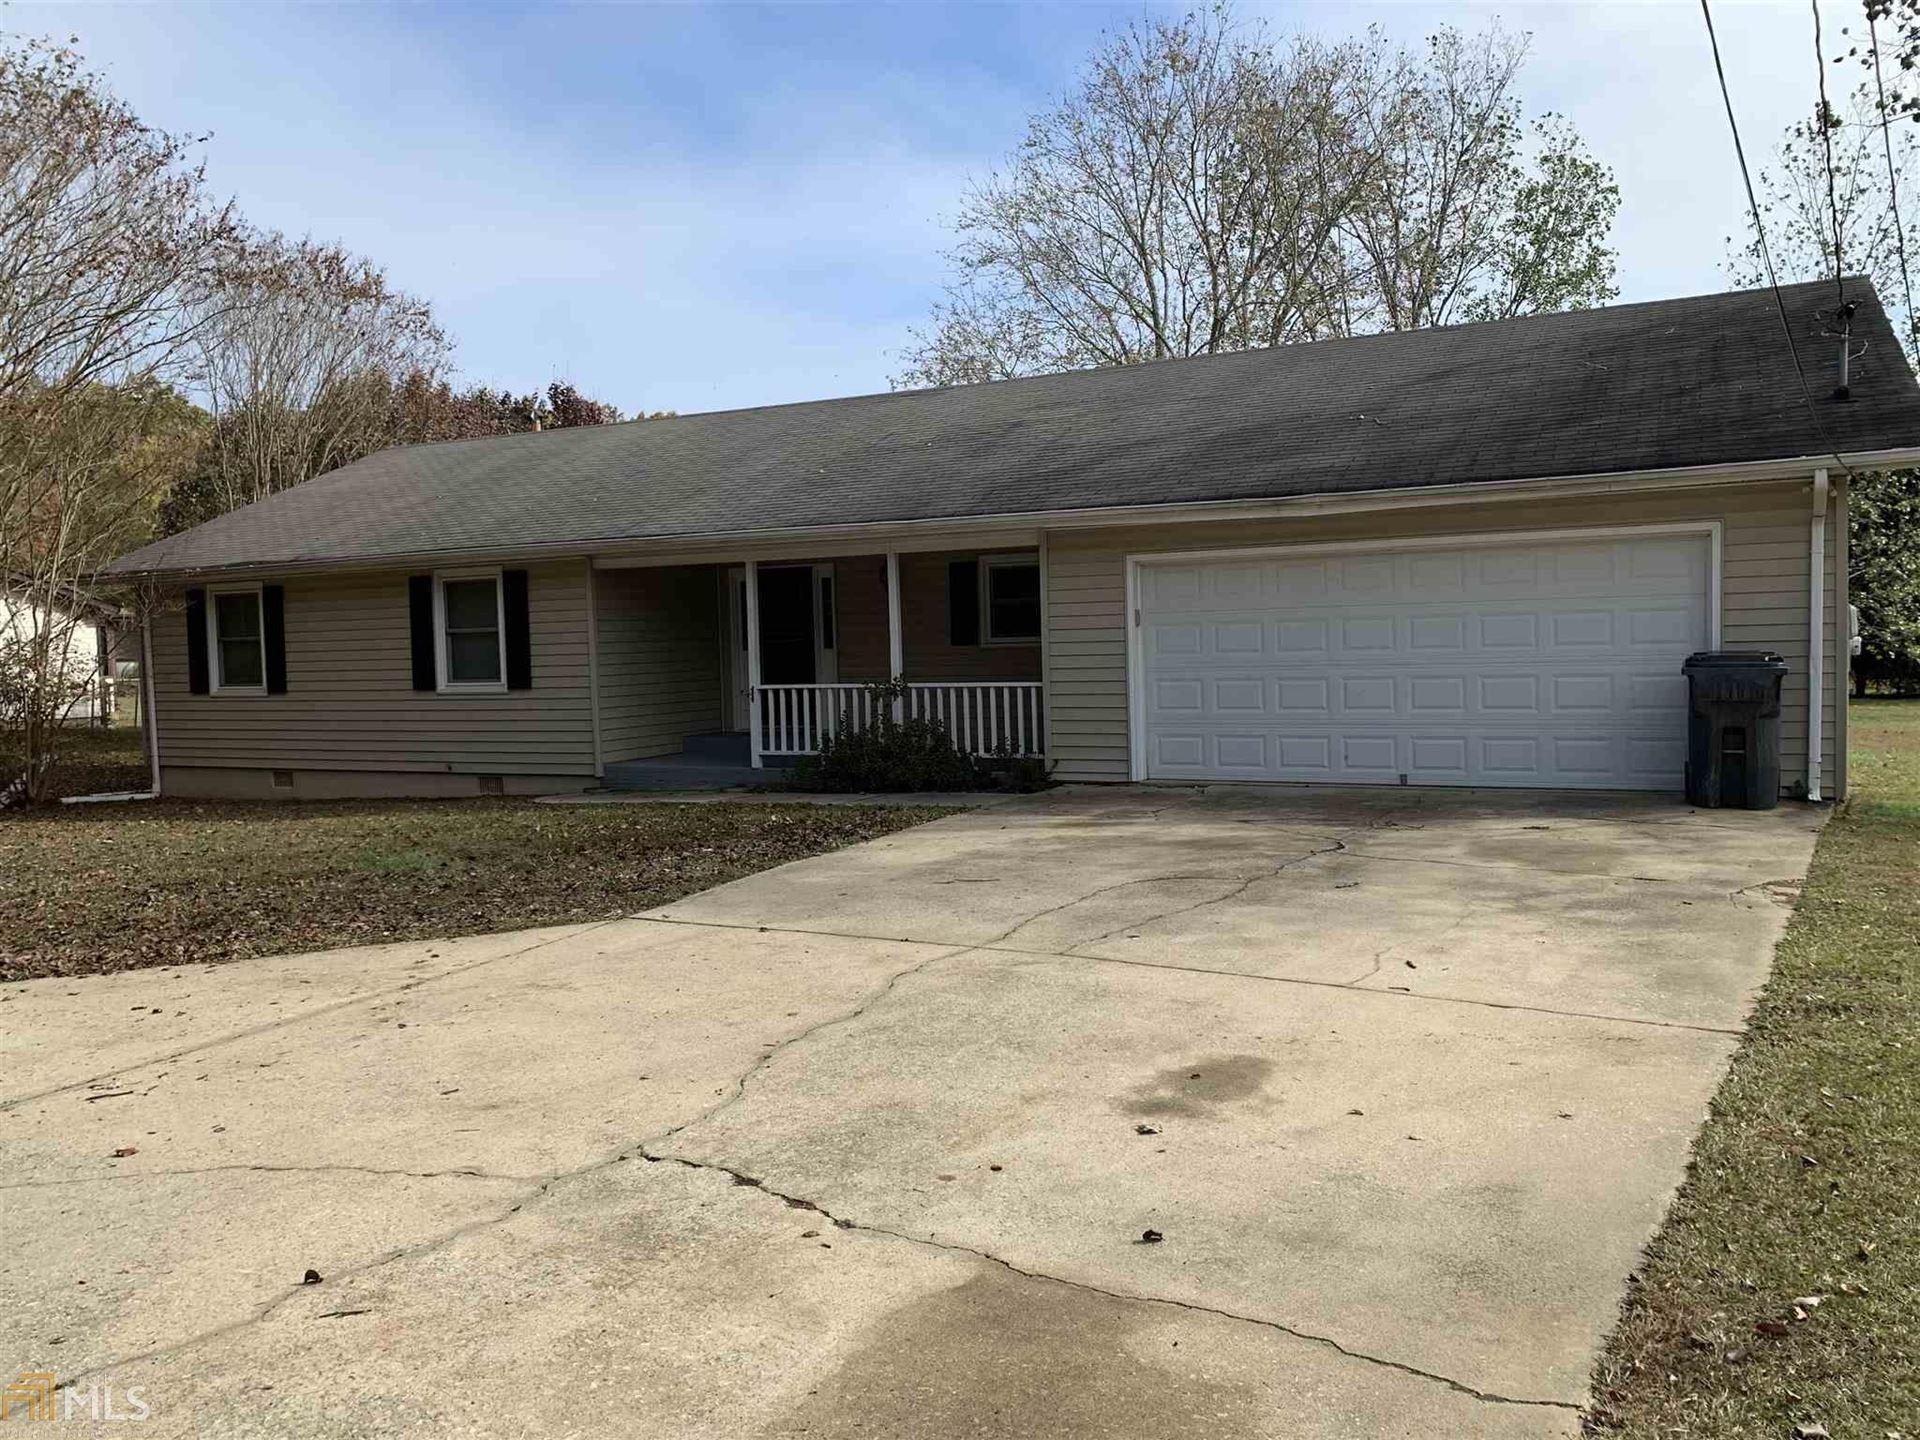 1680 Grayson Pkwy, Grayson, GA 30017 - MLS#: 8820973